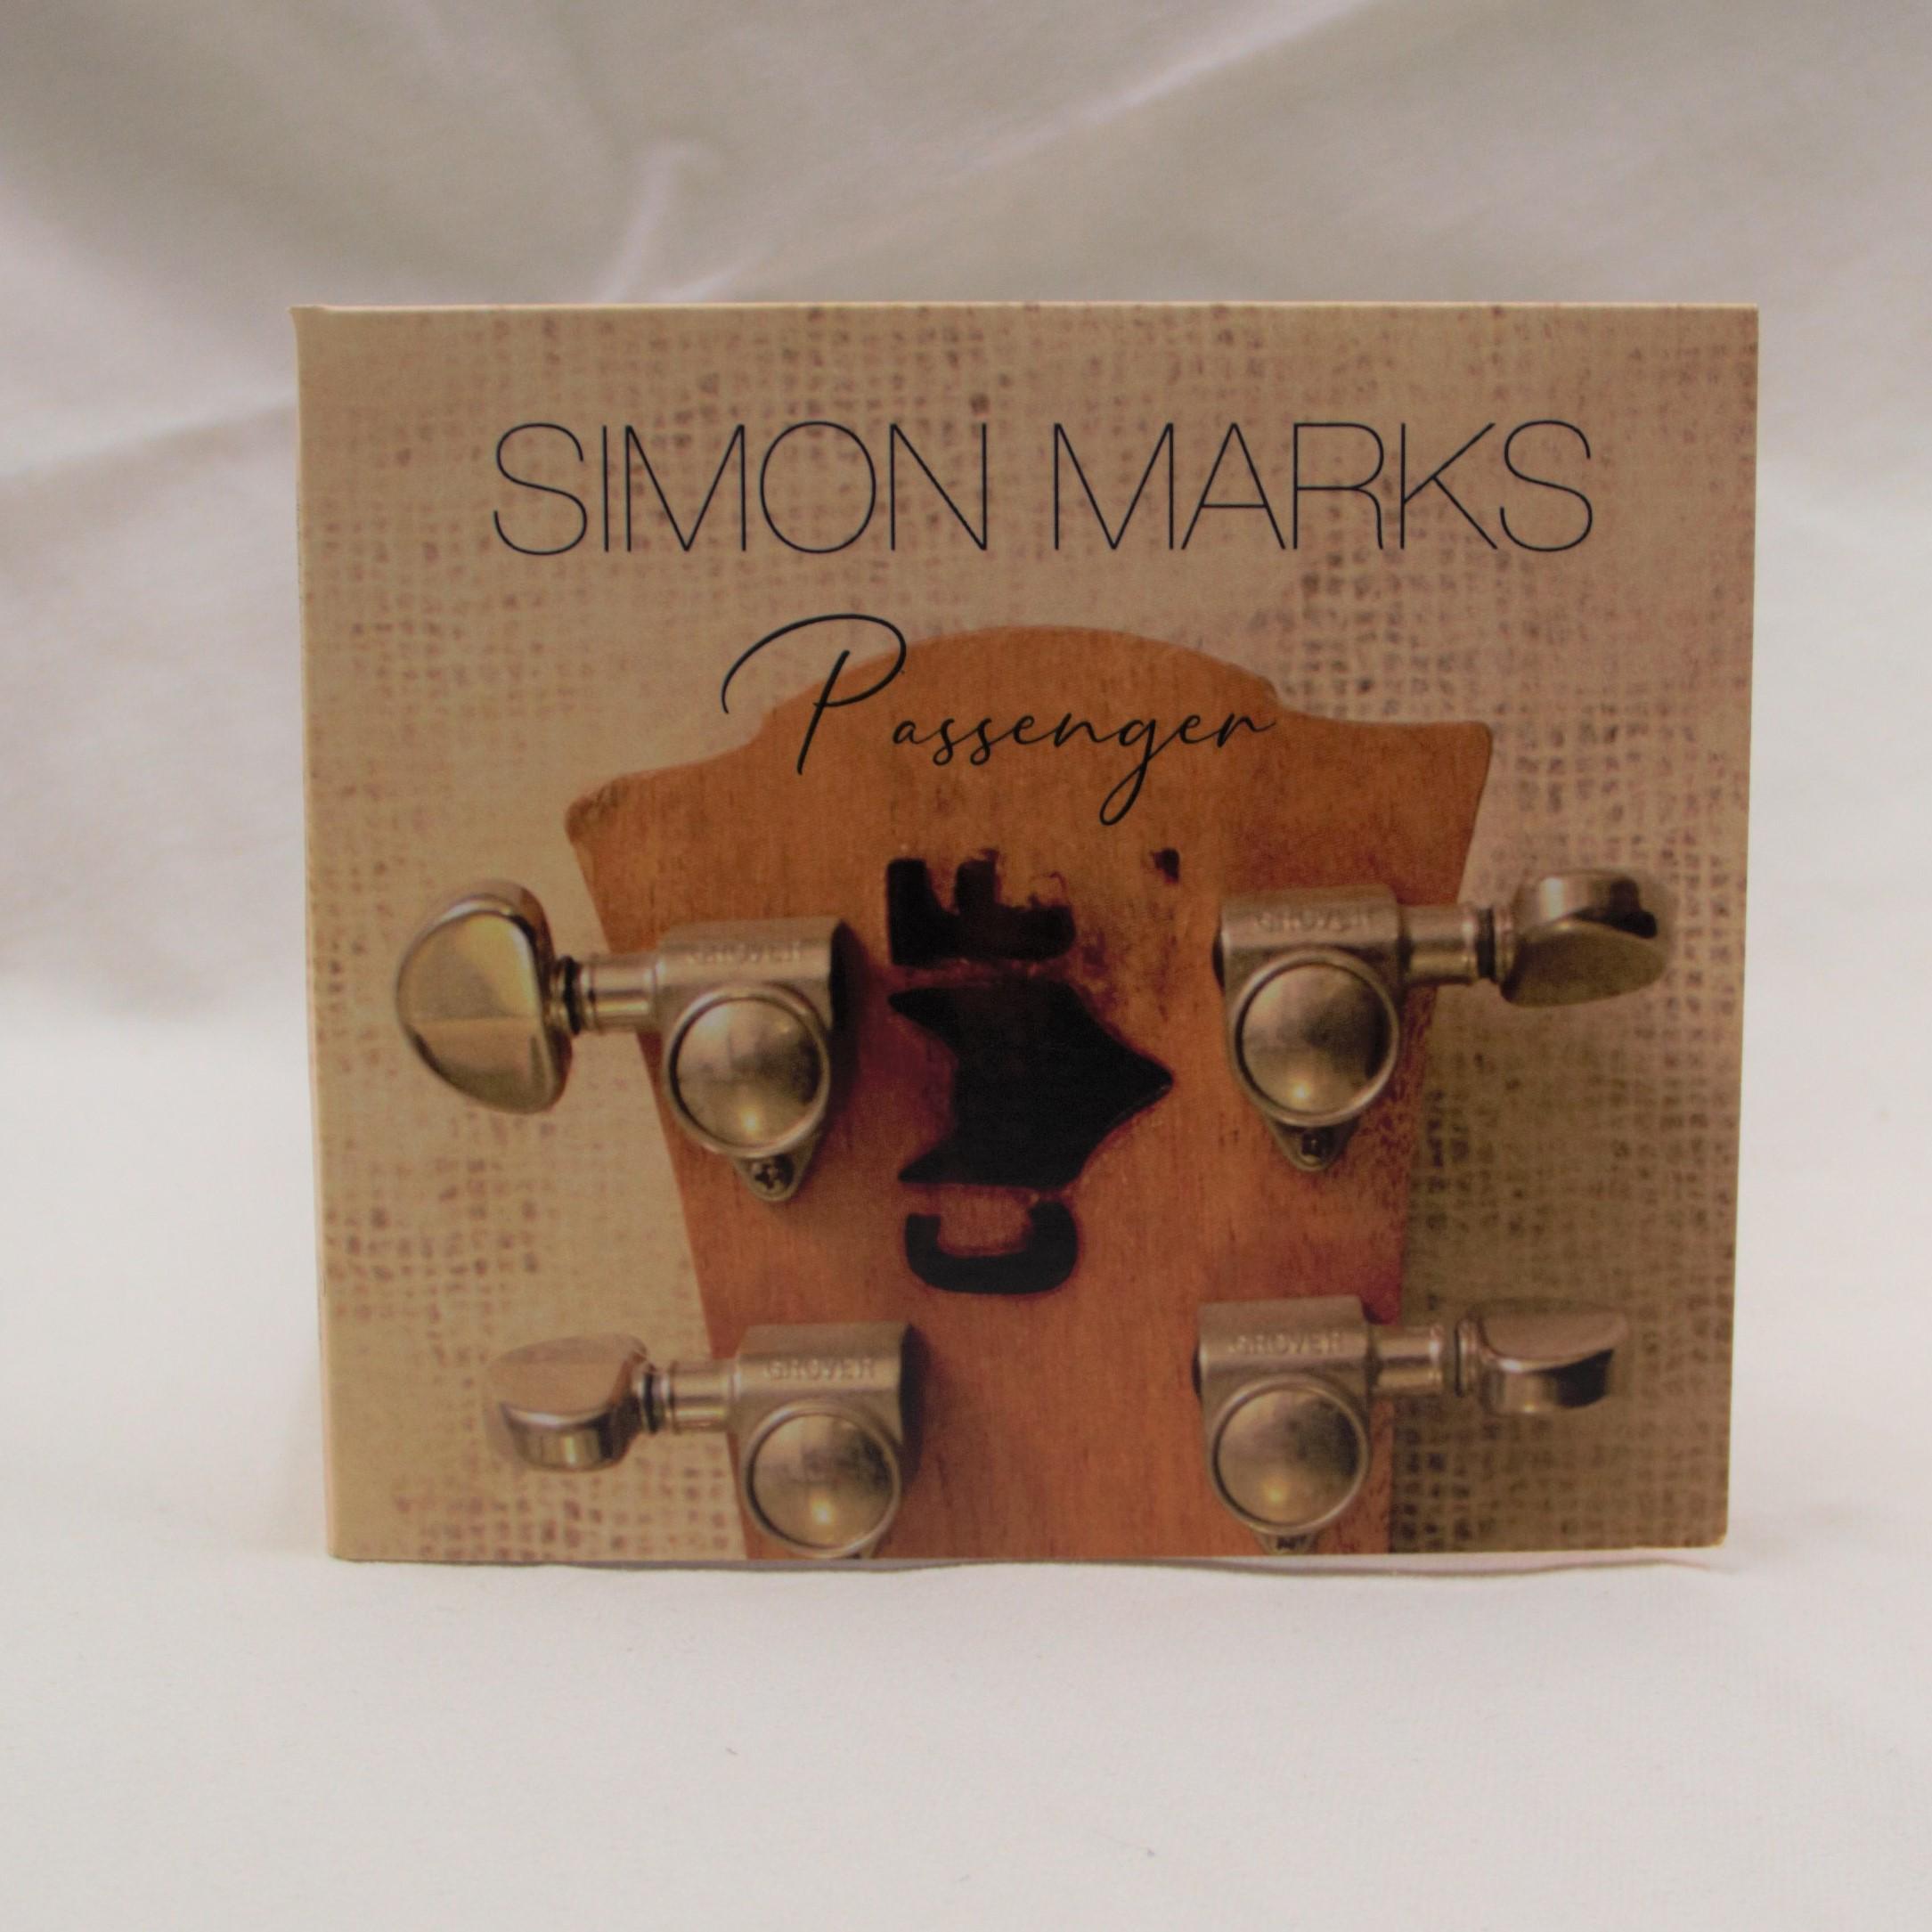 simon-marks-passenger-2